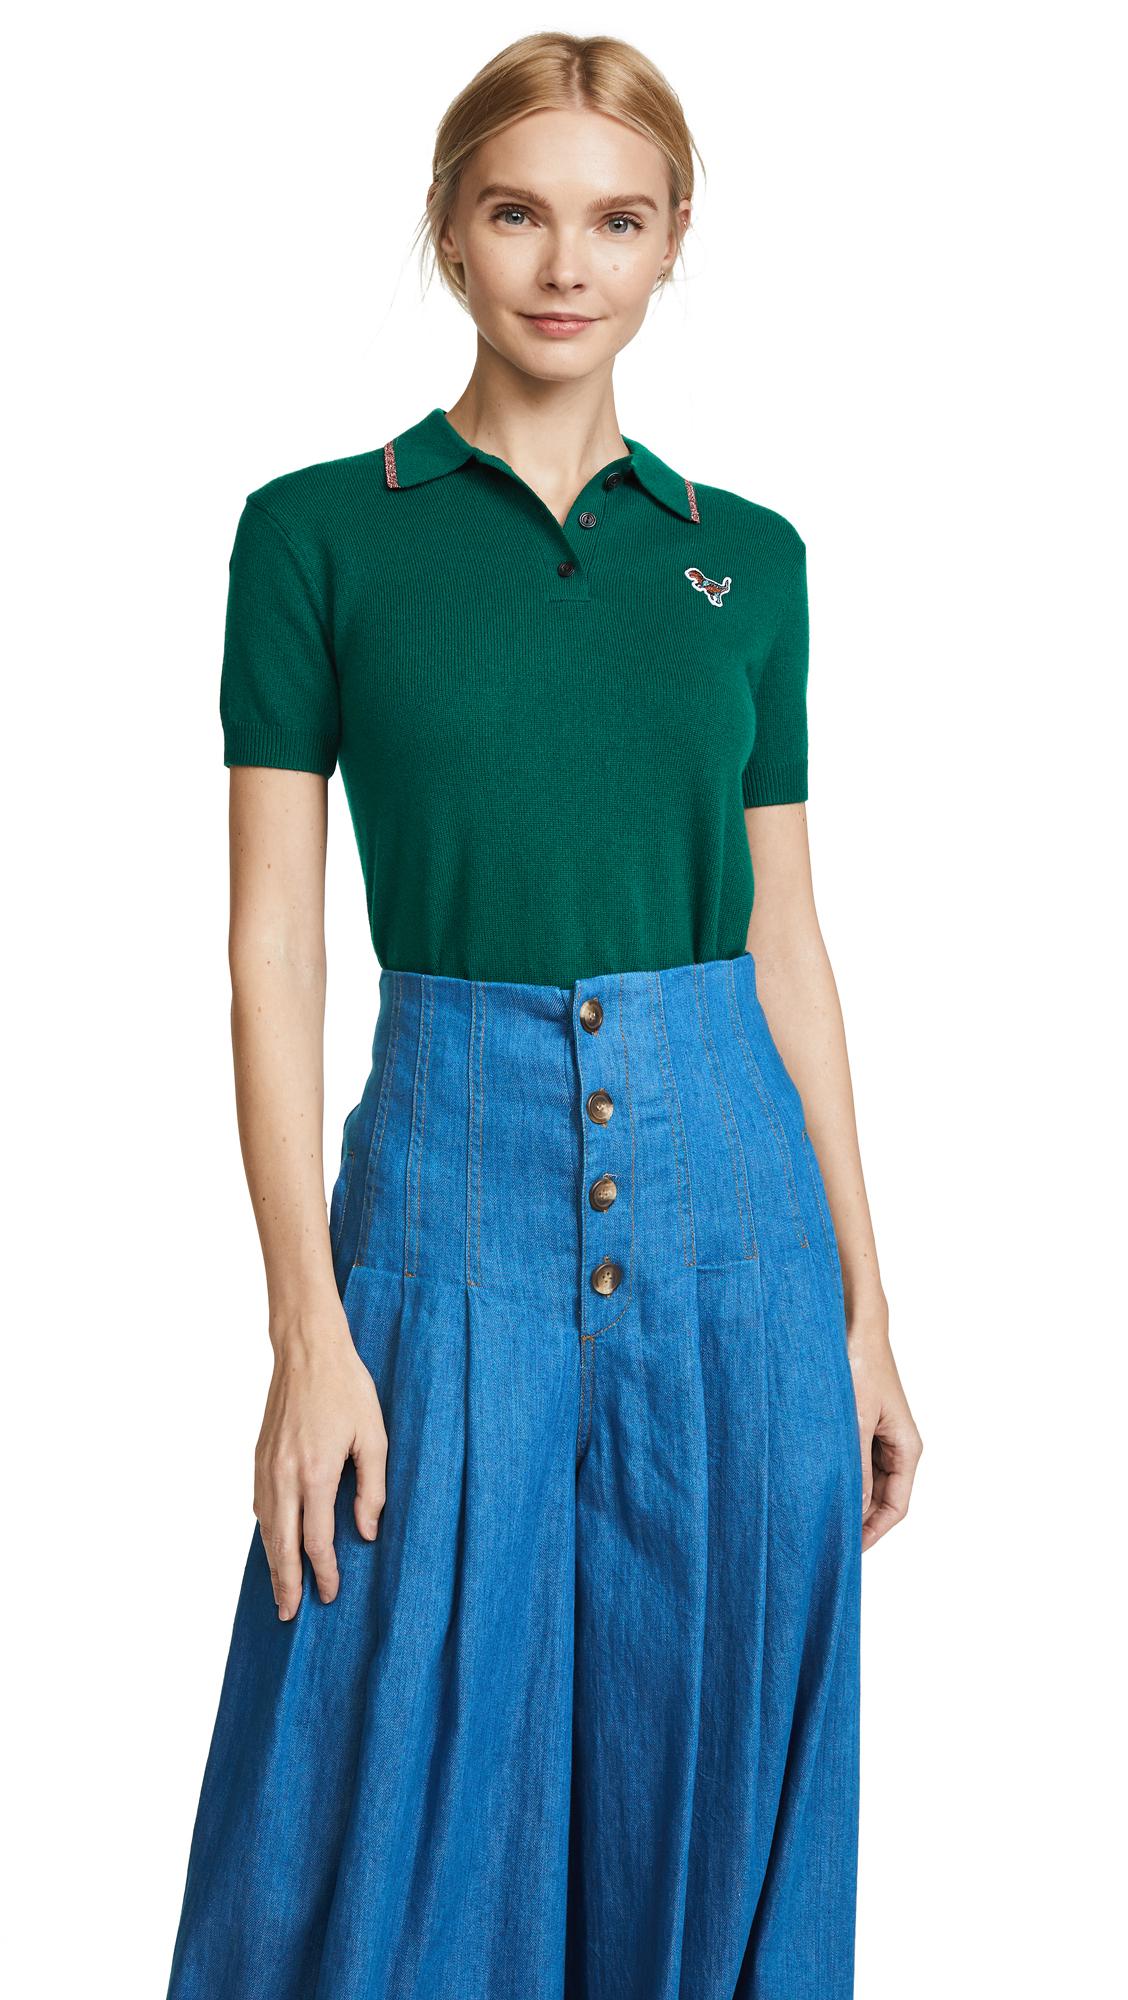 Coach 1941 Polo Tee - Dark Green